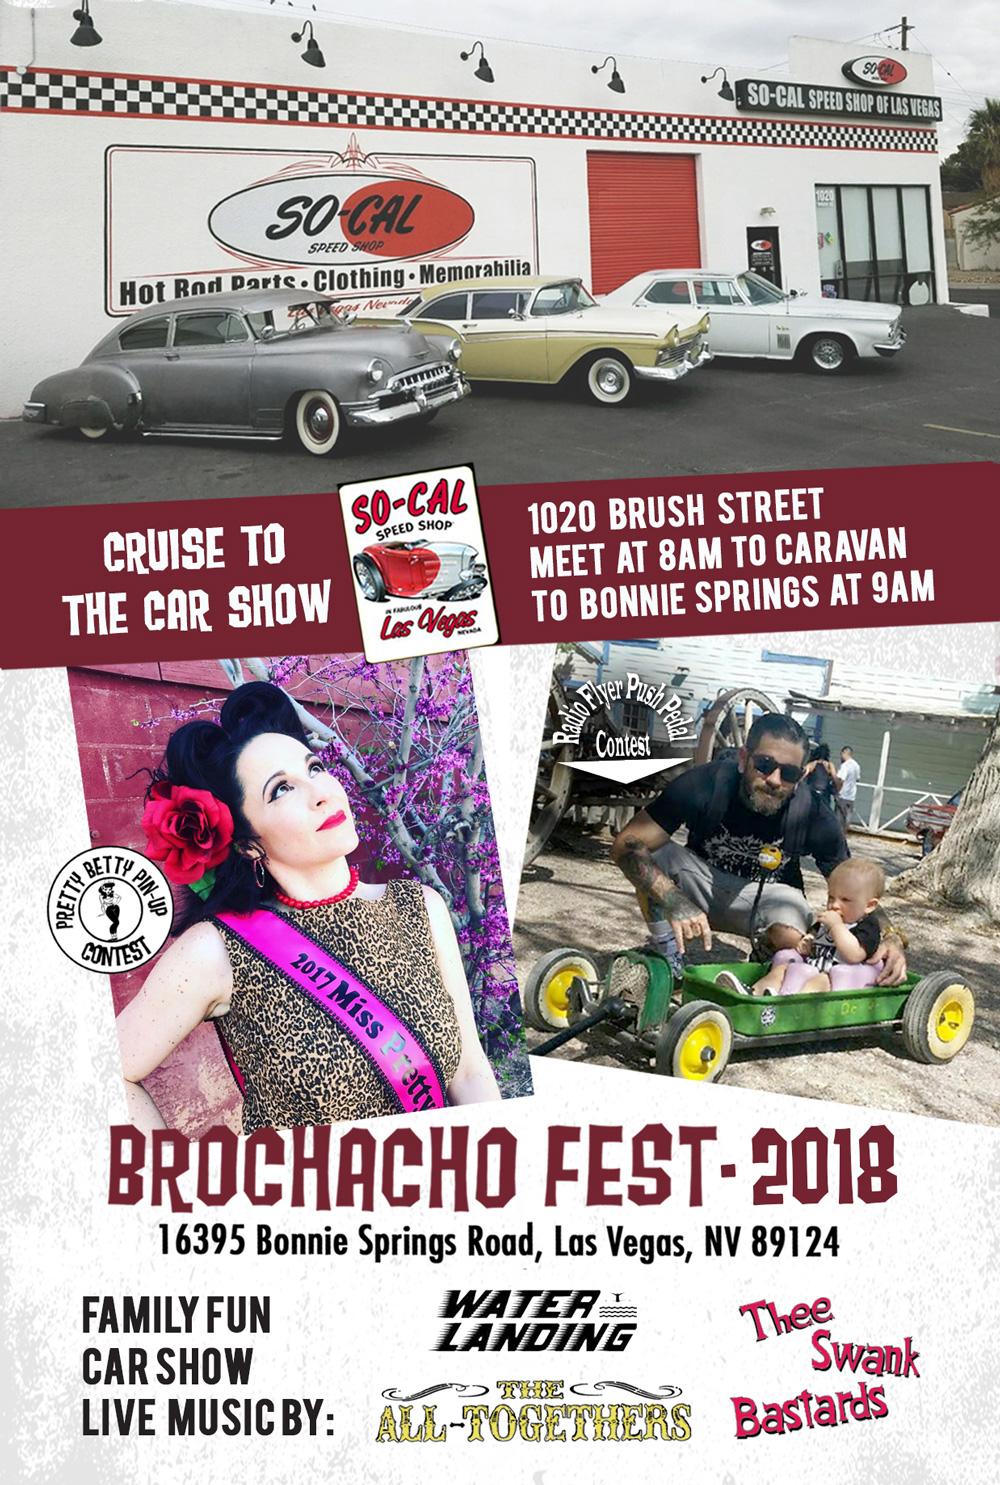 brochachofest_2018_bk3sm.jpg